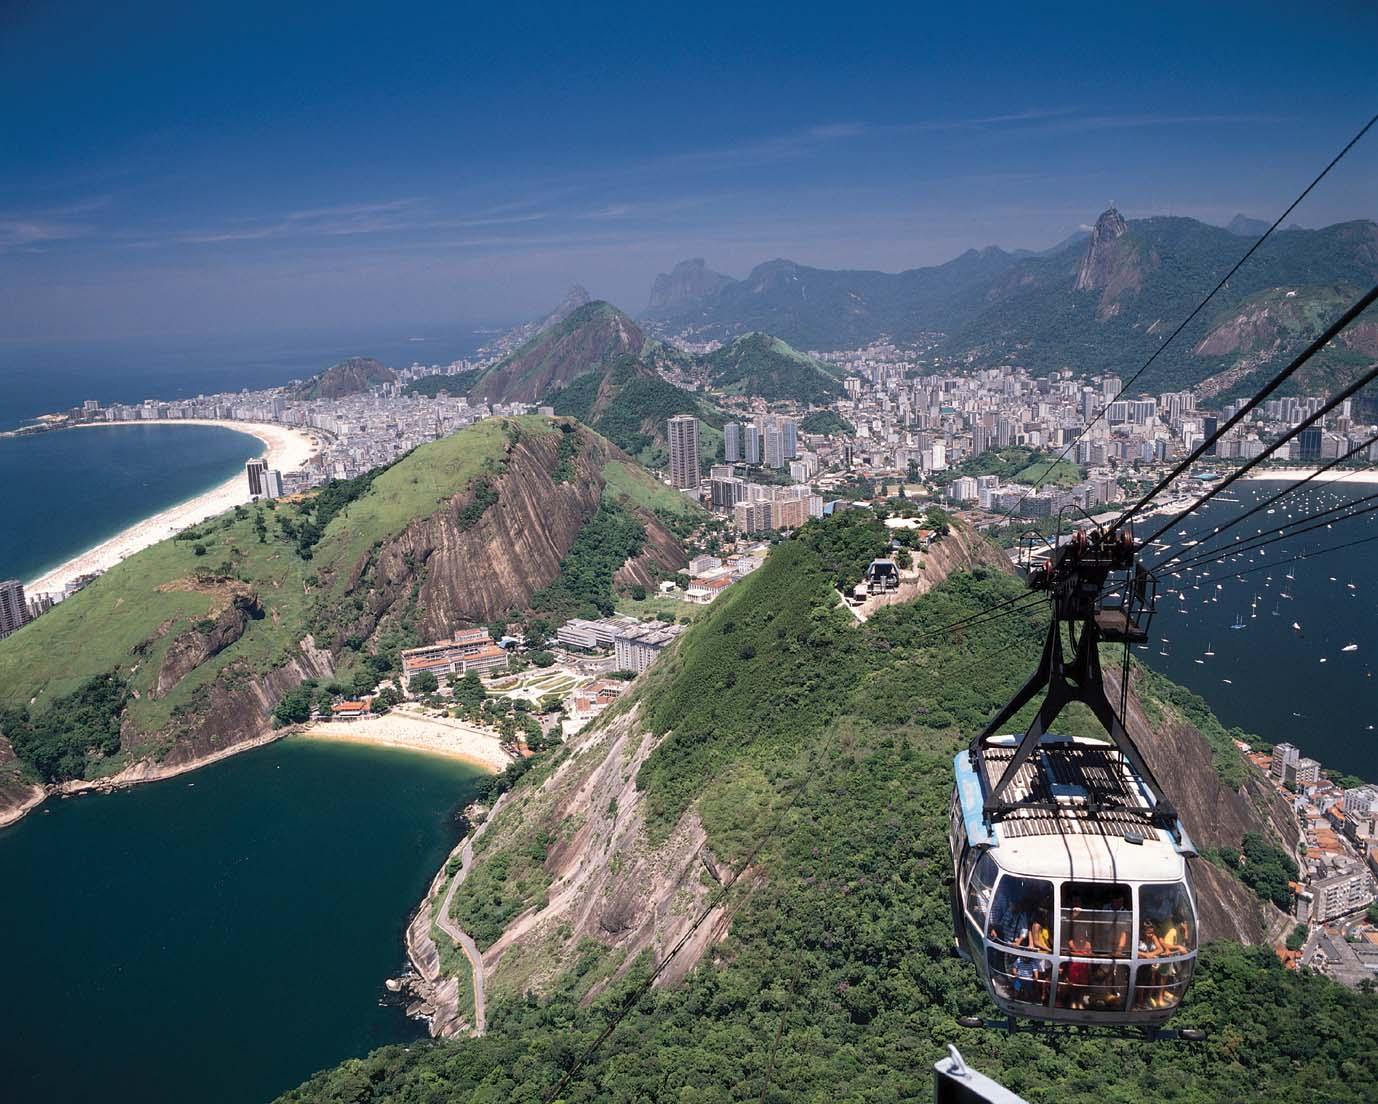 Rio De Janeiro Brazil  city photos gallery : Travel Trip Journey: Rio de Janeiro, Brazil